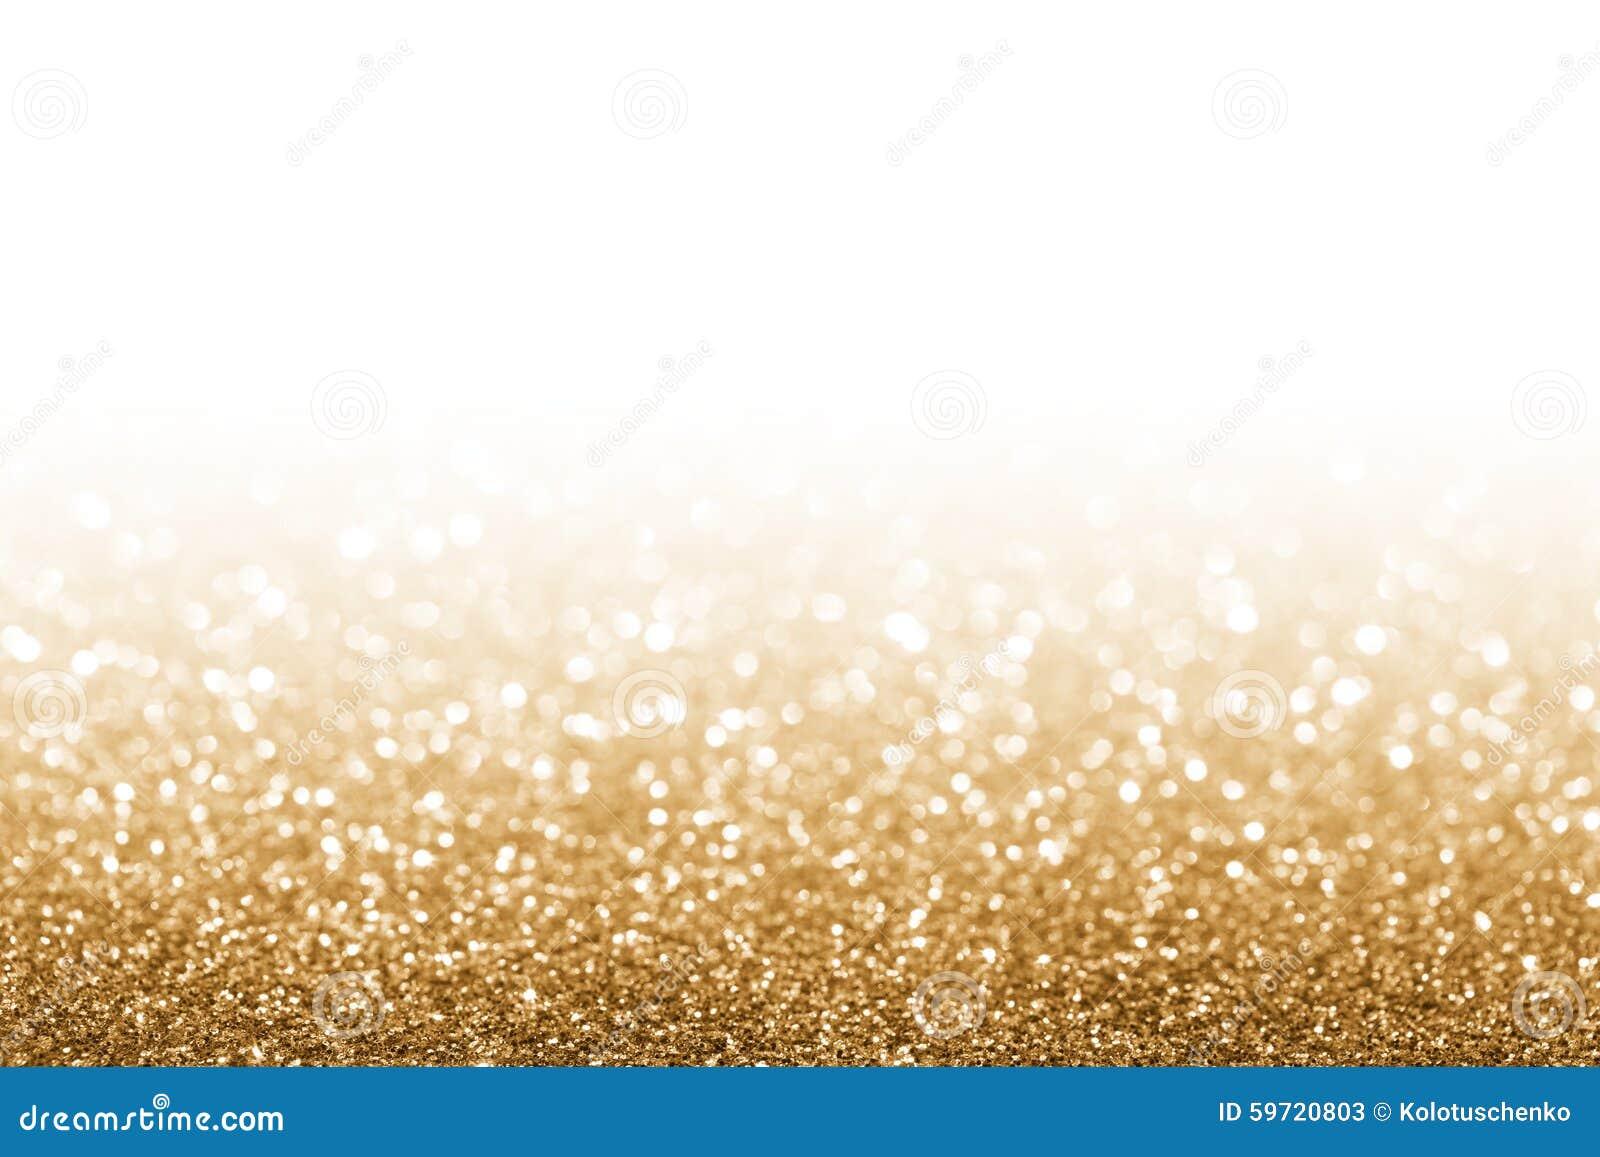 gold glitter wallpaper border